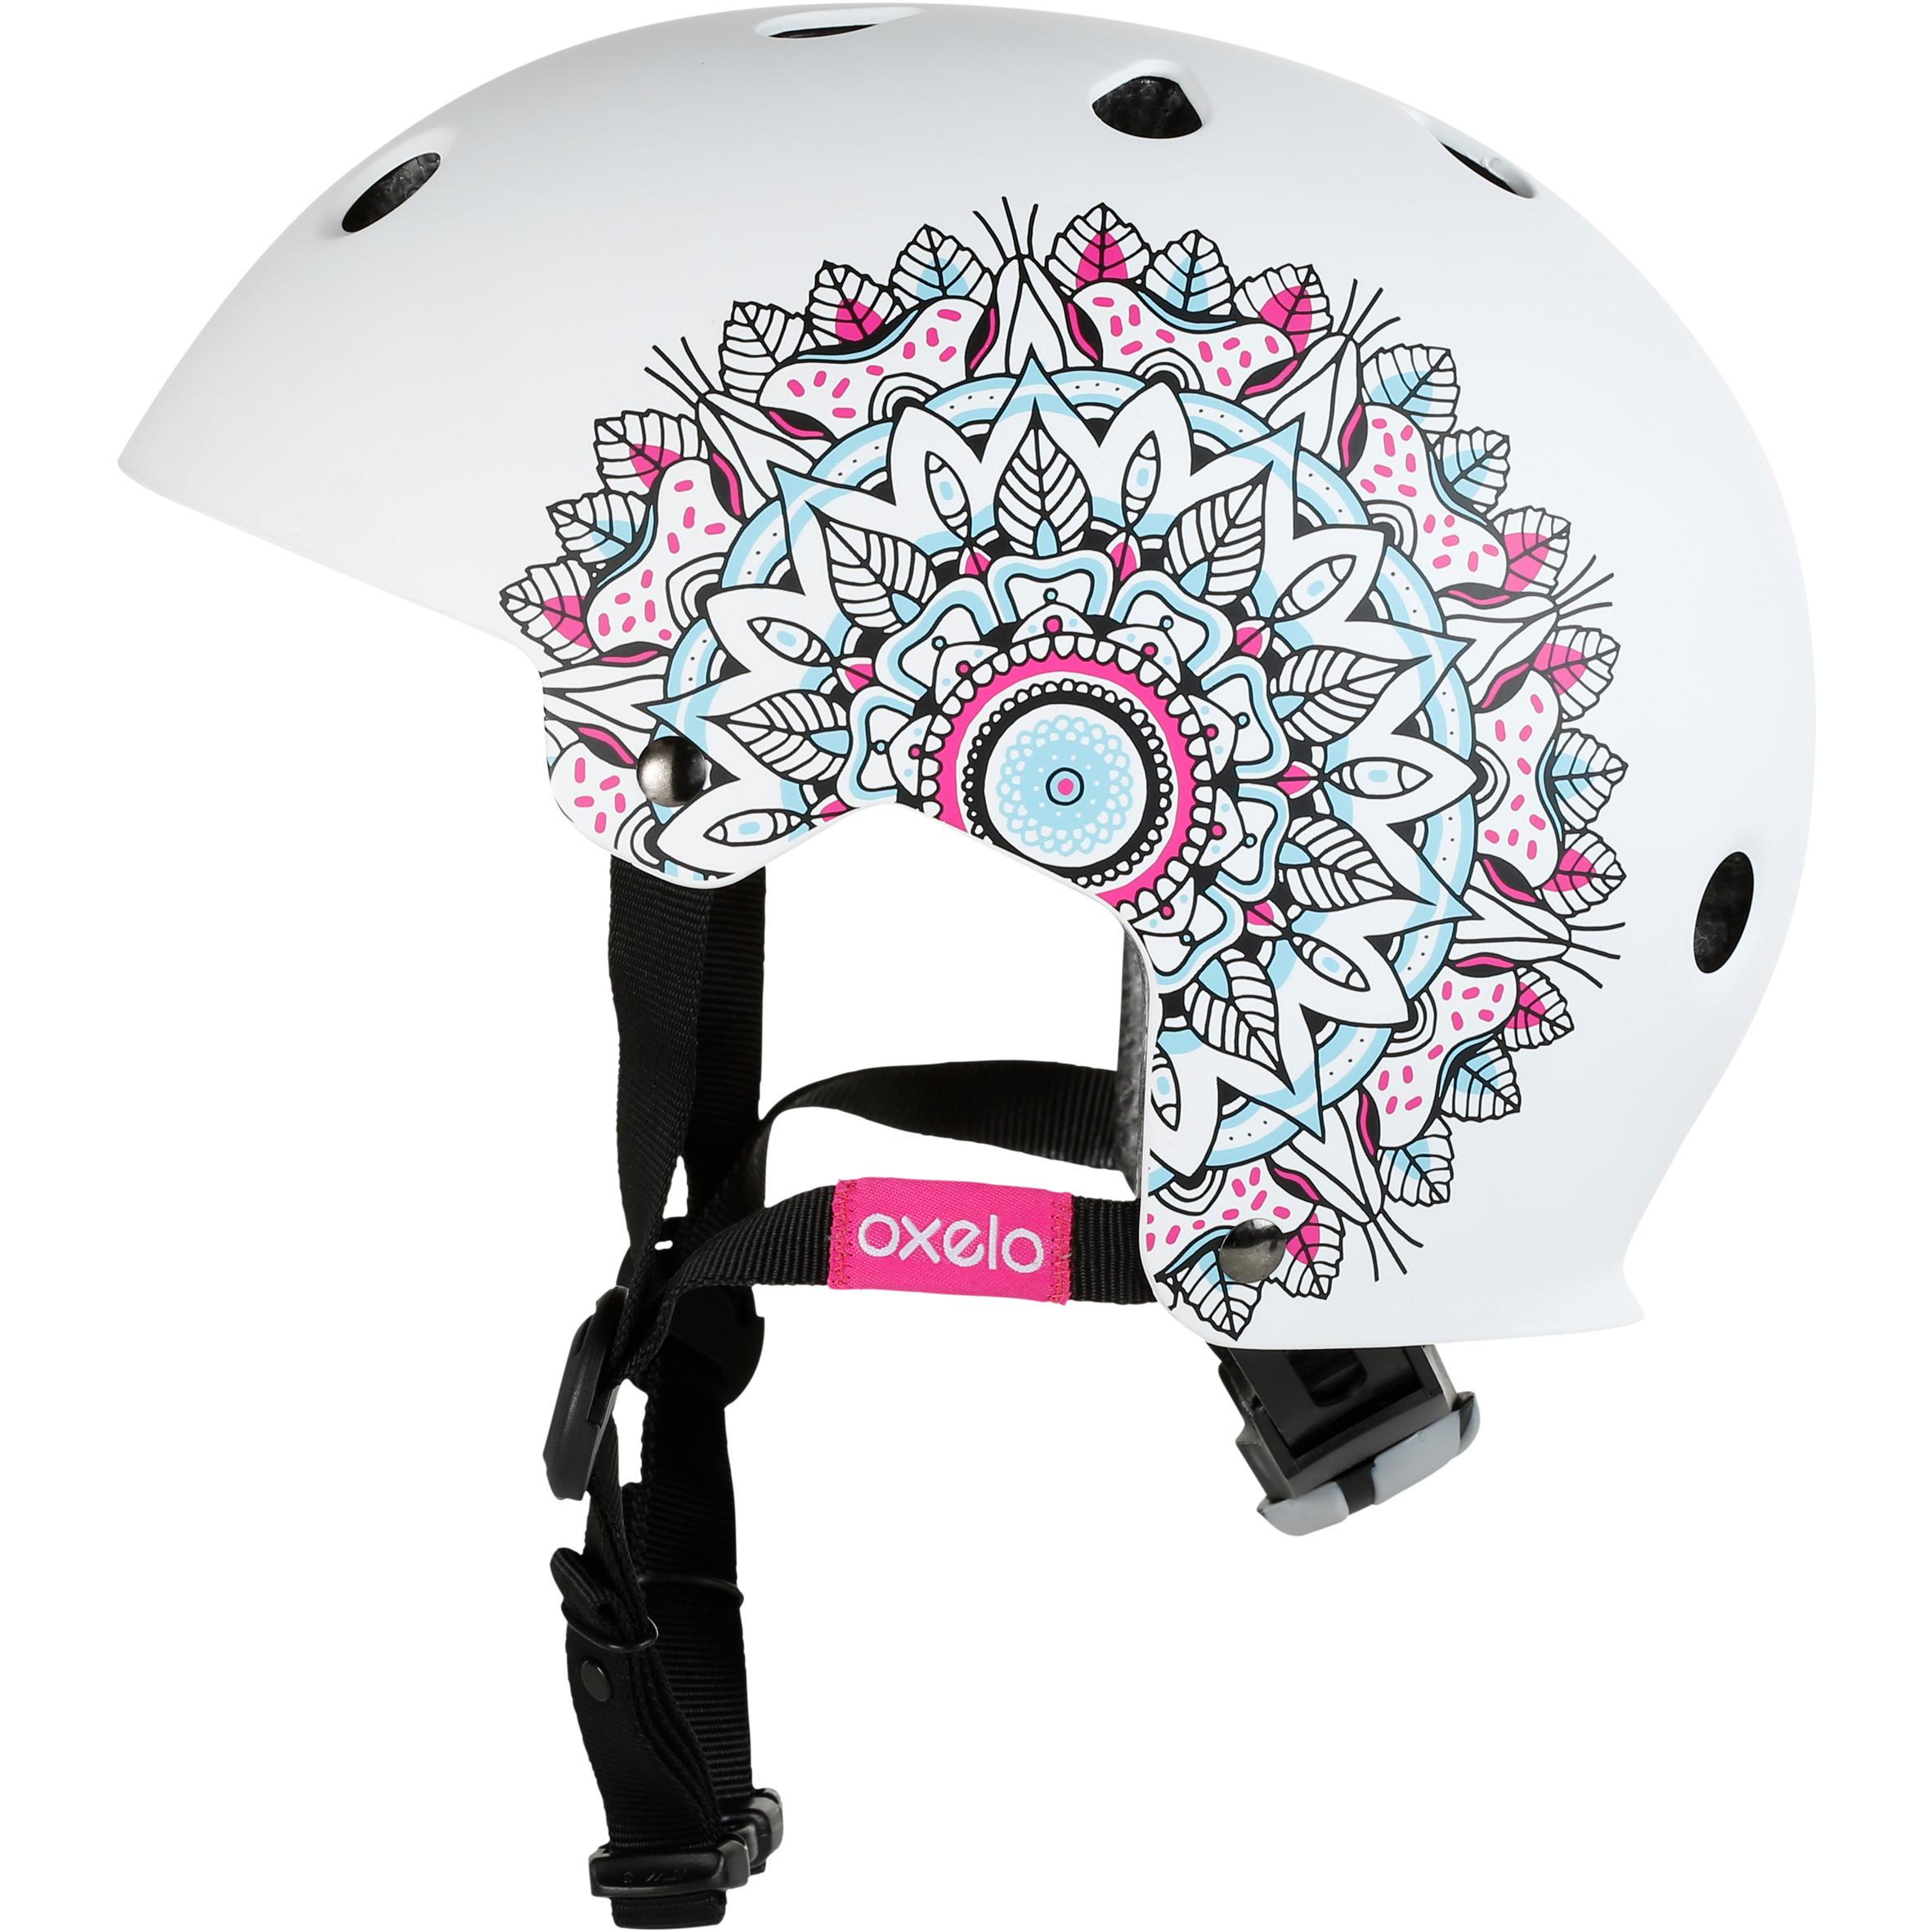 Casque patin roulettes, planche roulettes, trottinette, vélo PLAY7 Mandala blanc